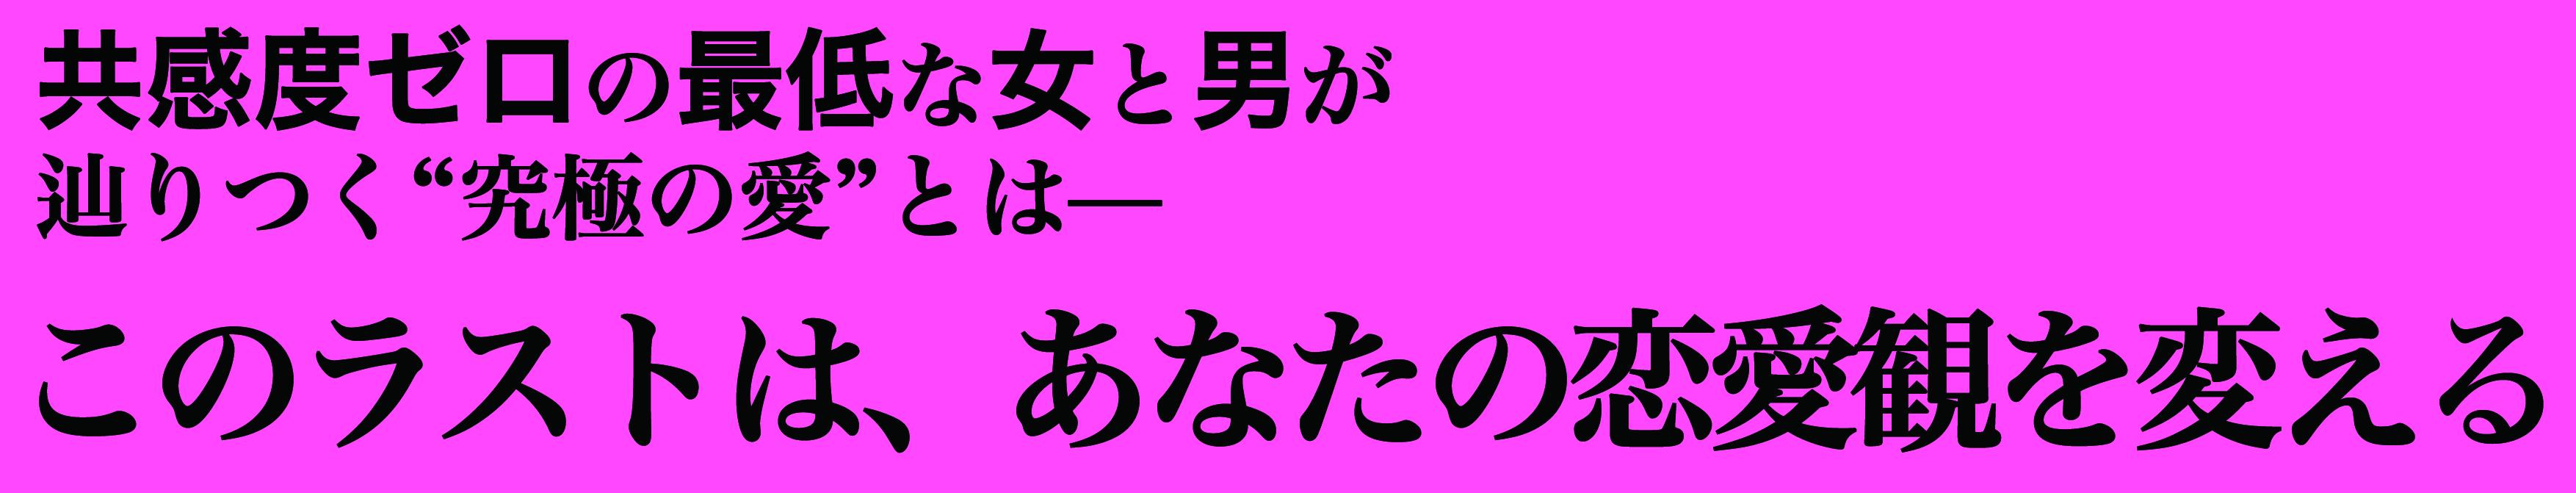 http://www.suncityhall.jp/30.4%E6%9C%88%E2%91%A2.jpg